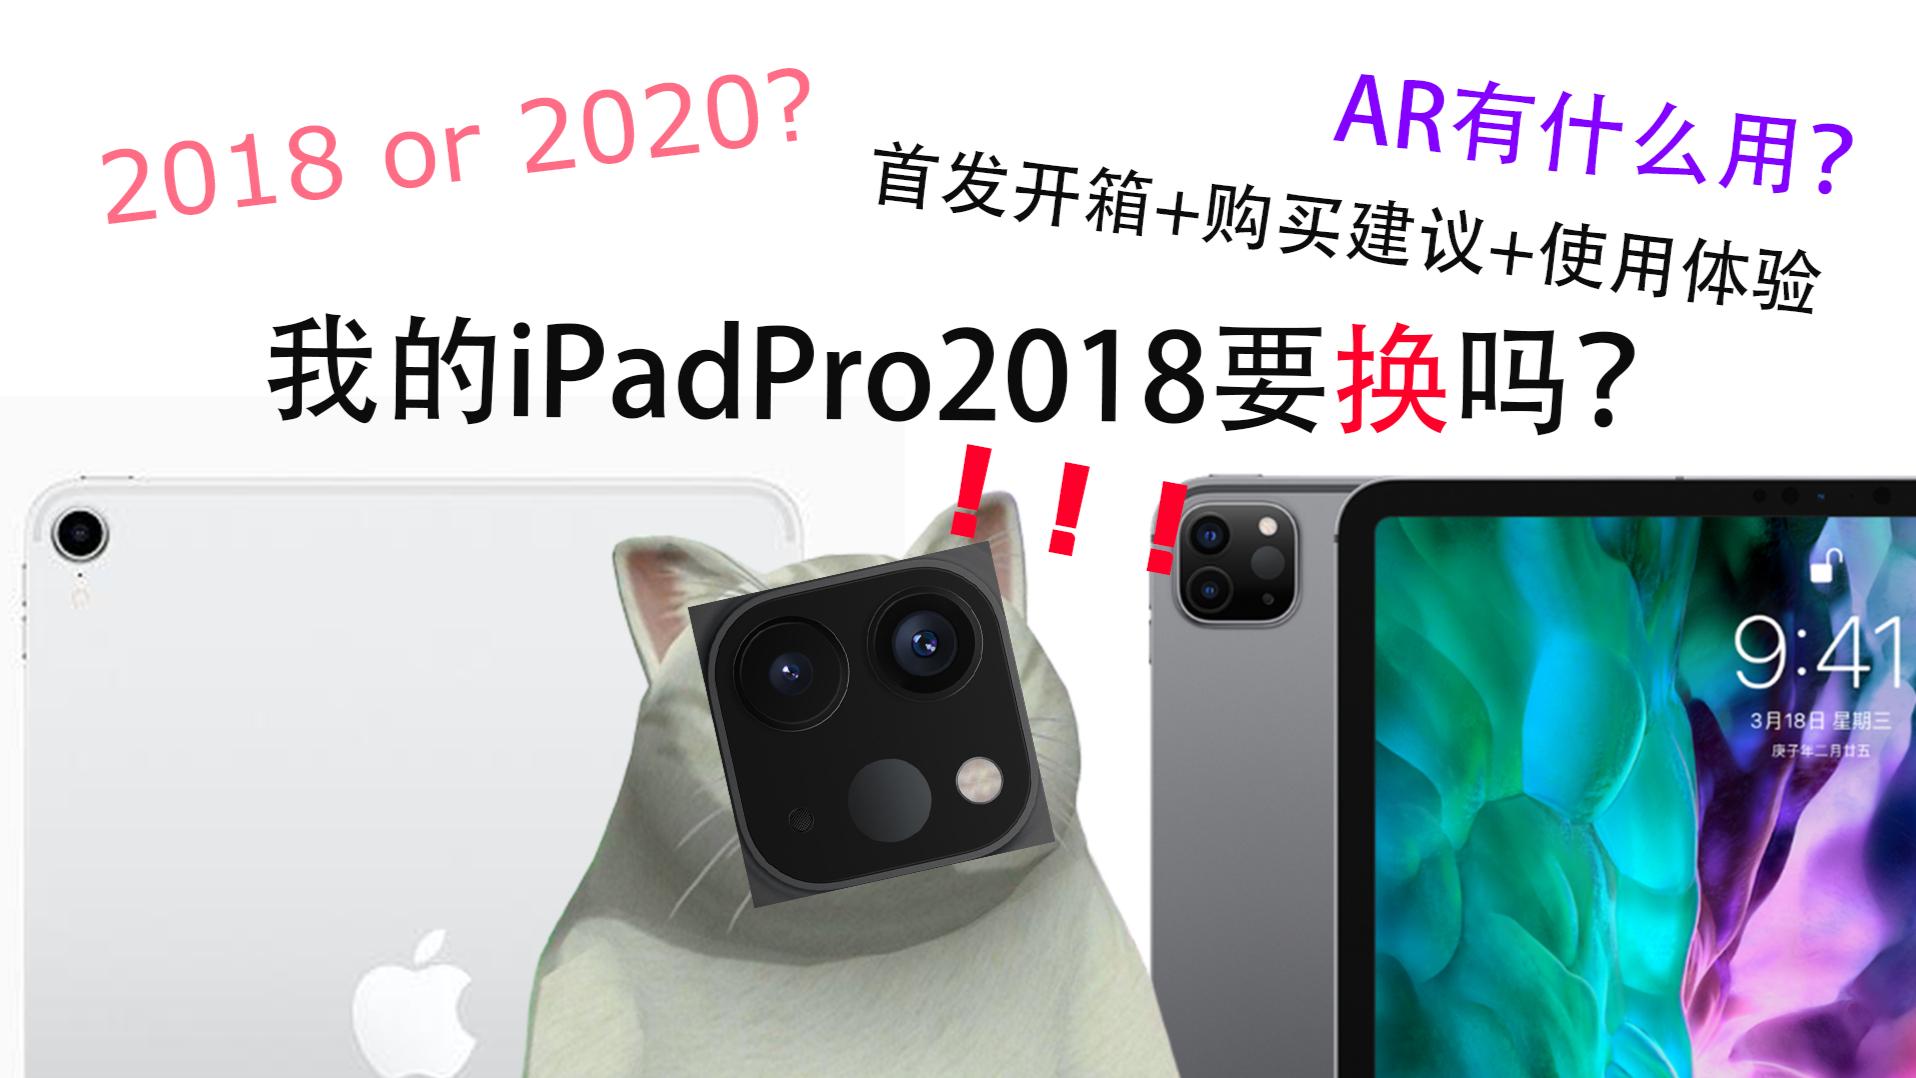 iPadPro2020要换吗?新款iPadPro首发开箱+购买建议+使用体验